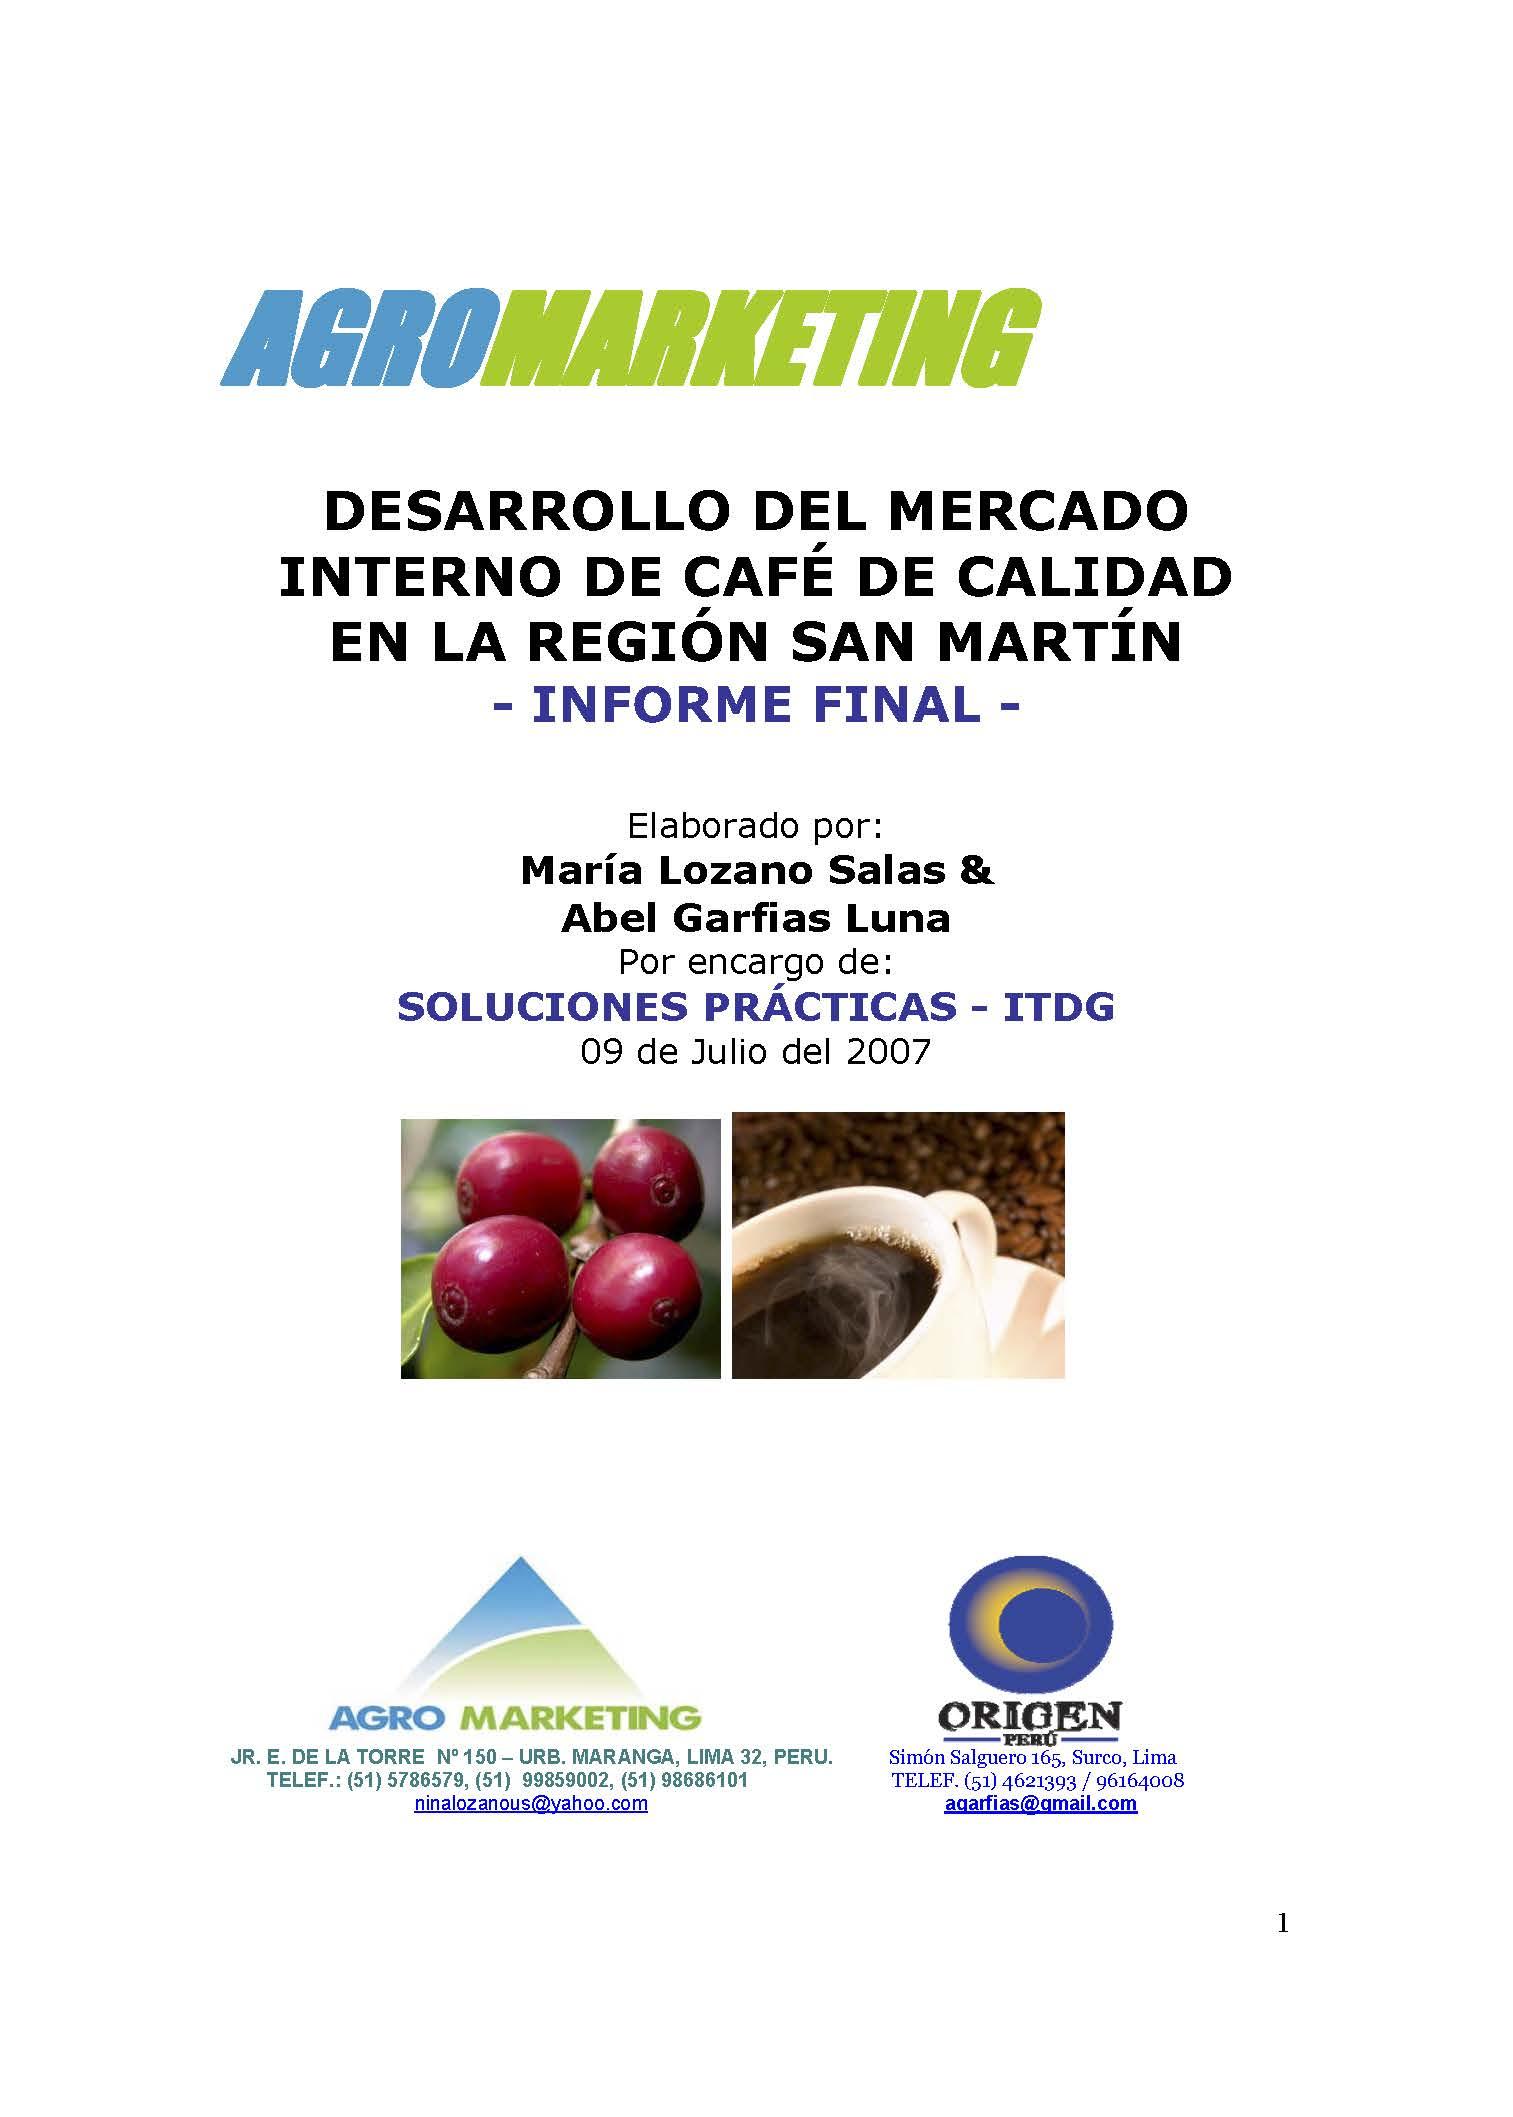 Desarrollo del mercado interno de café de calidad en la región San Martín